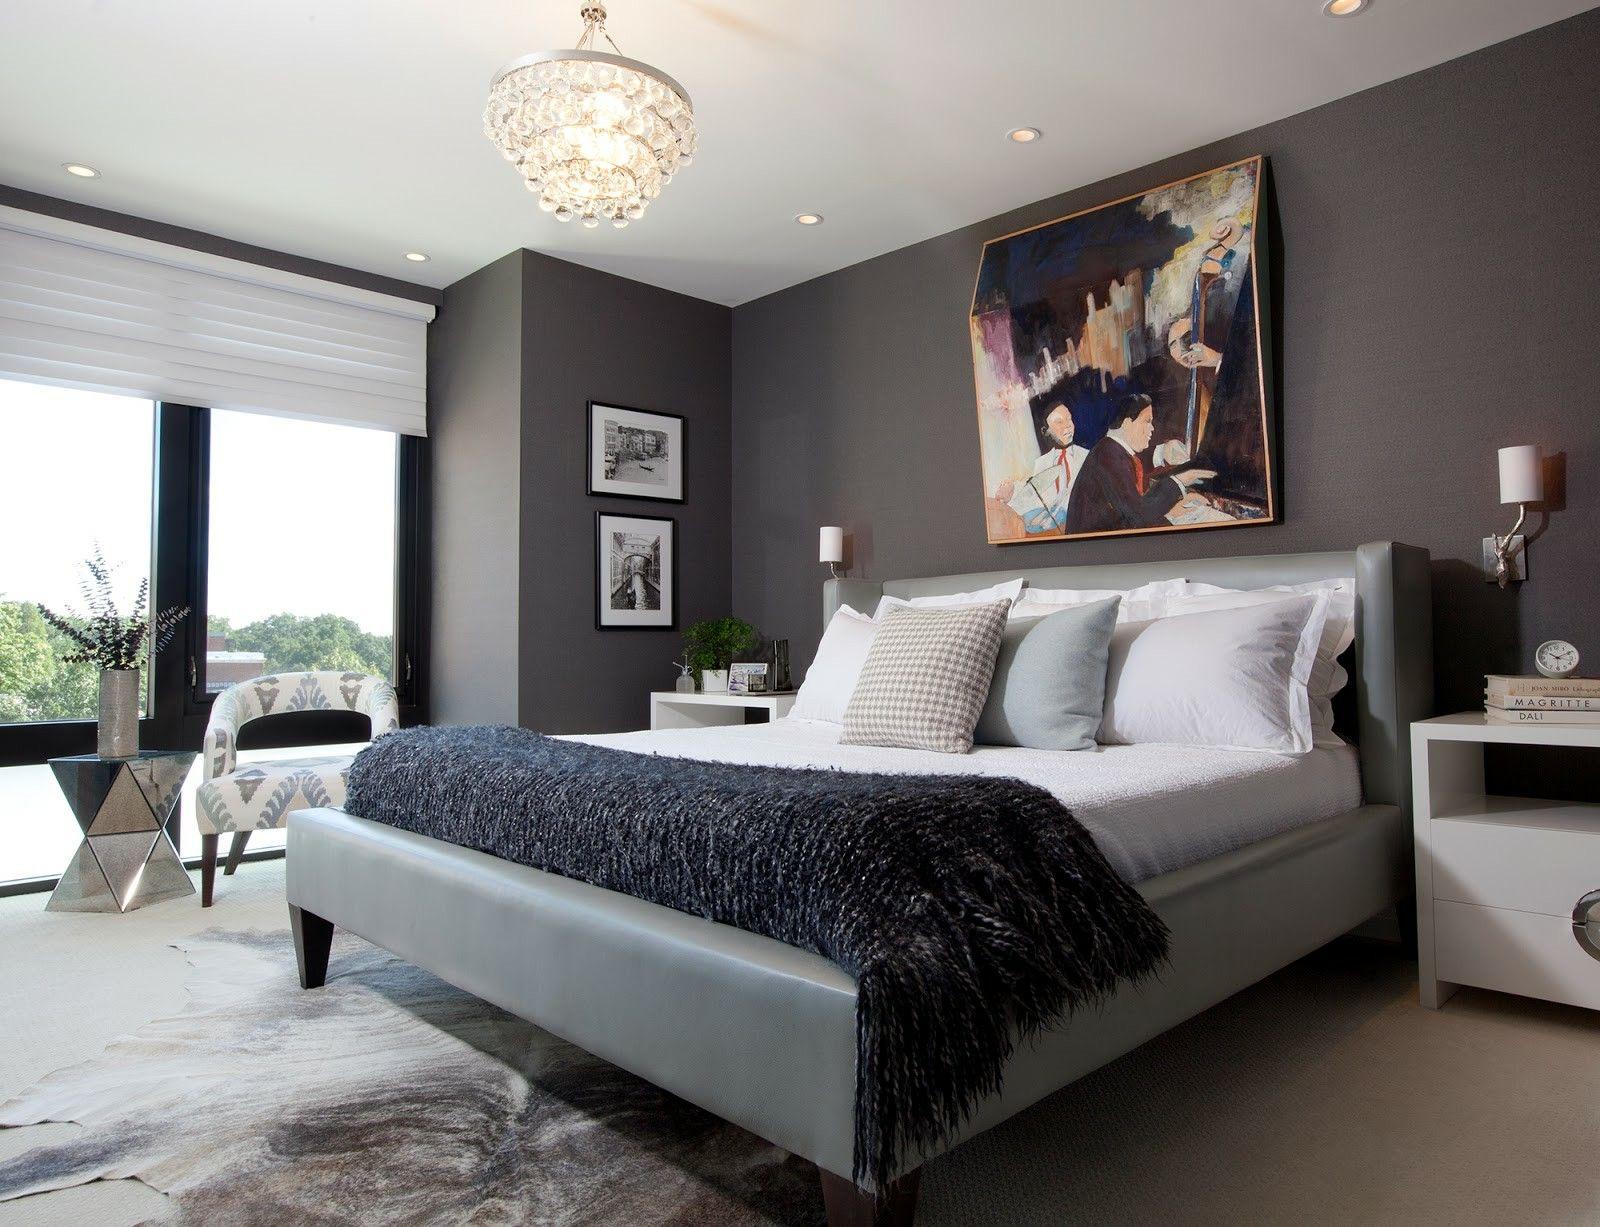 Master bedroom art above bed  dark gray bedroom  home  Pinterest  Dark gray bedroom Gray